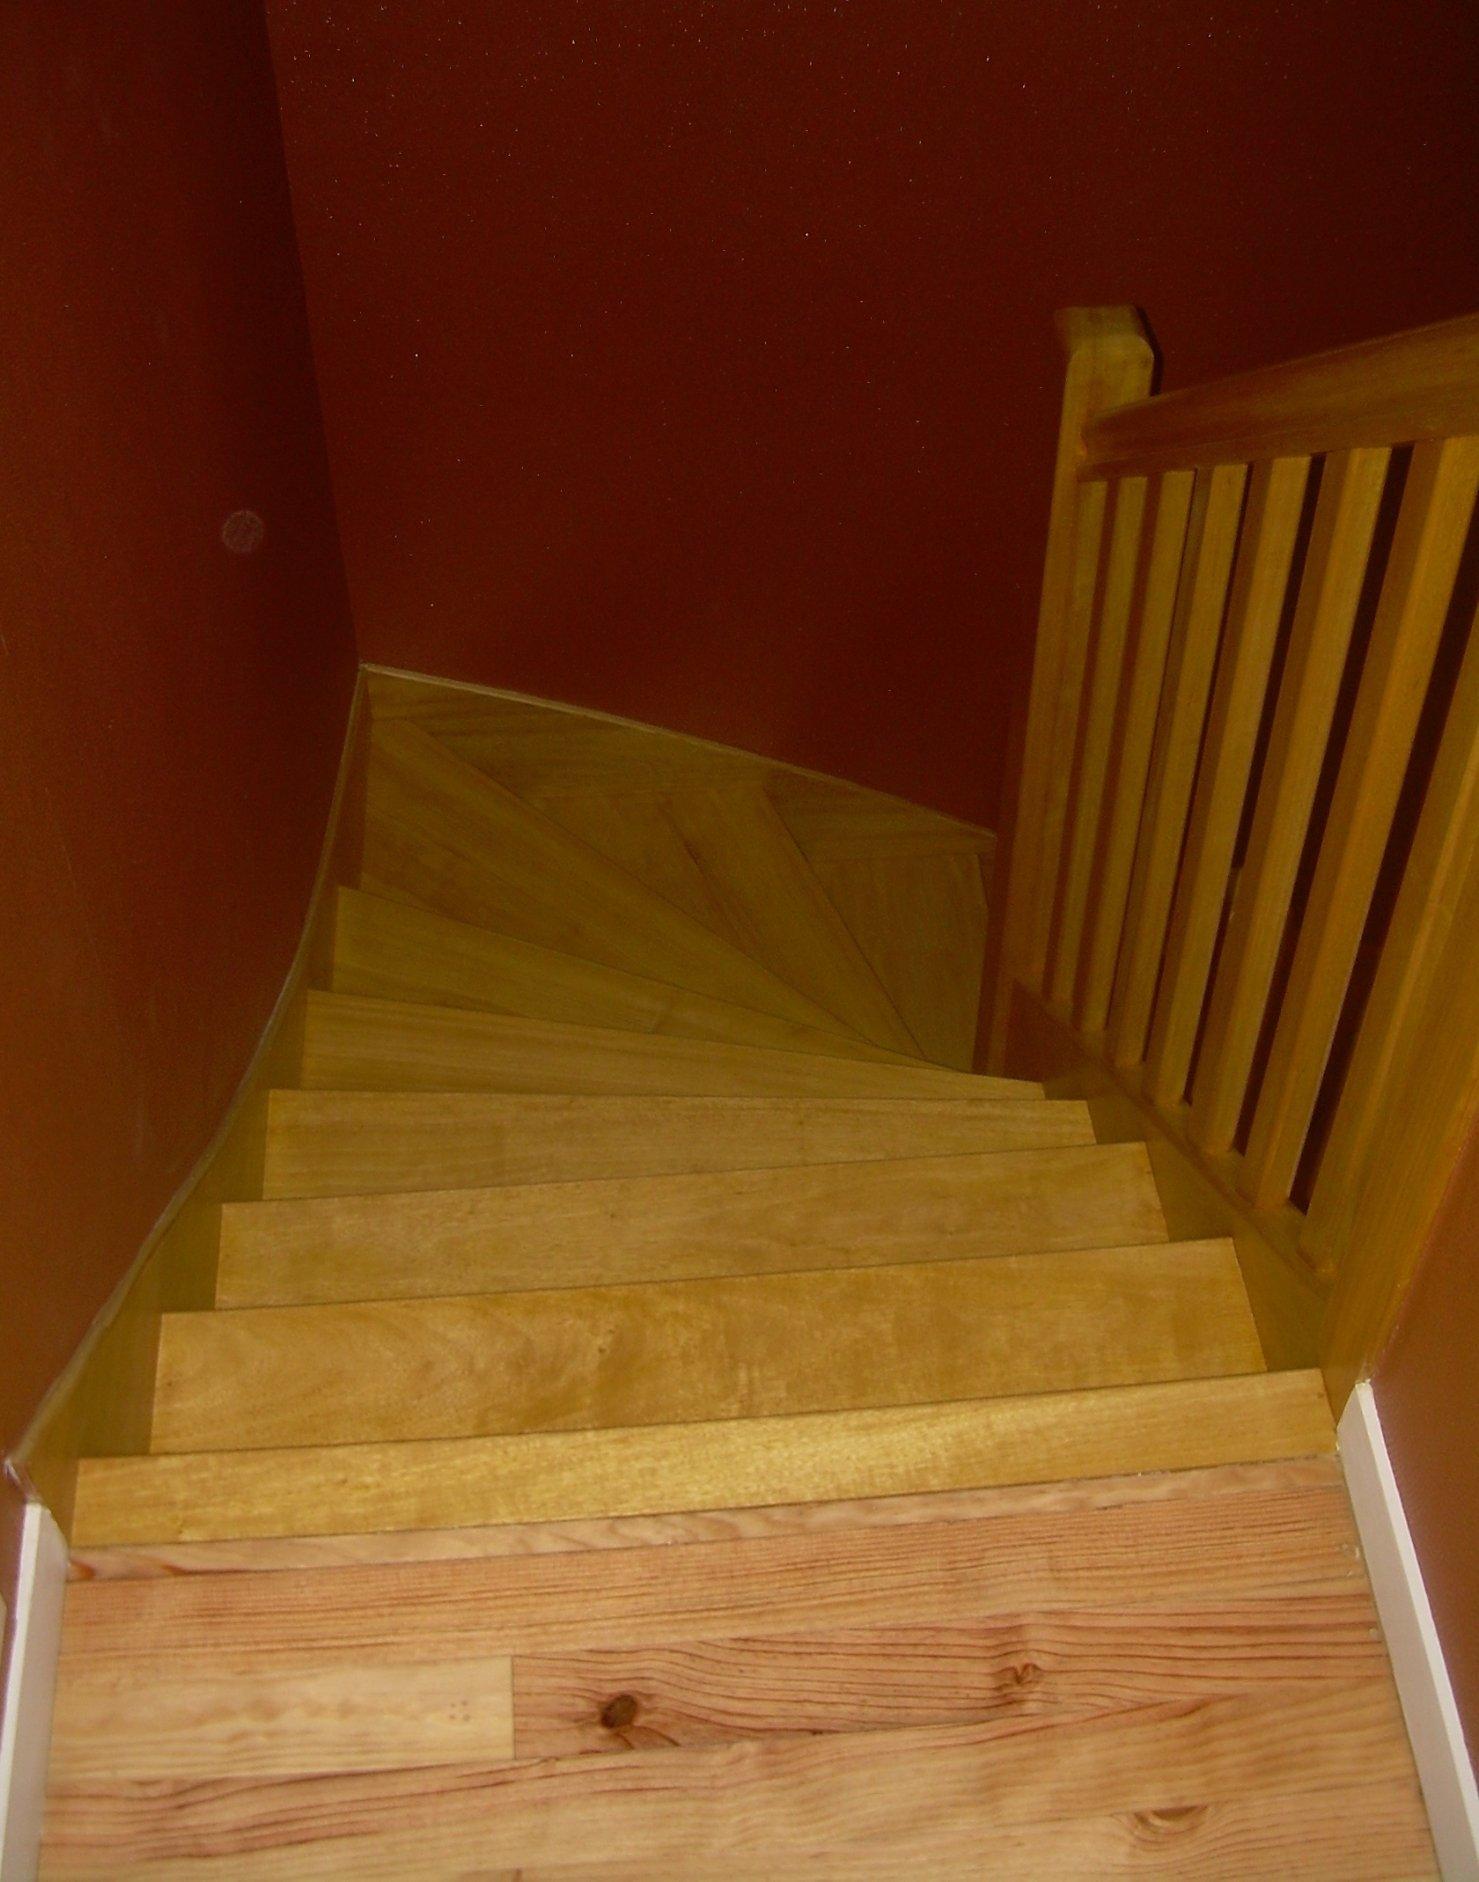 rénovation escalier suite incendie